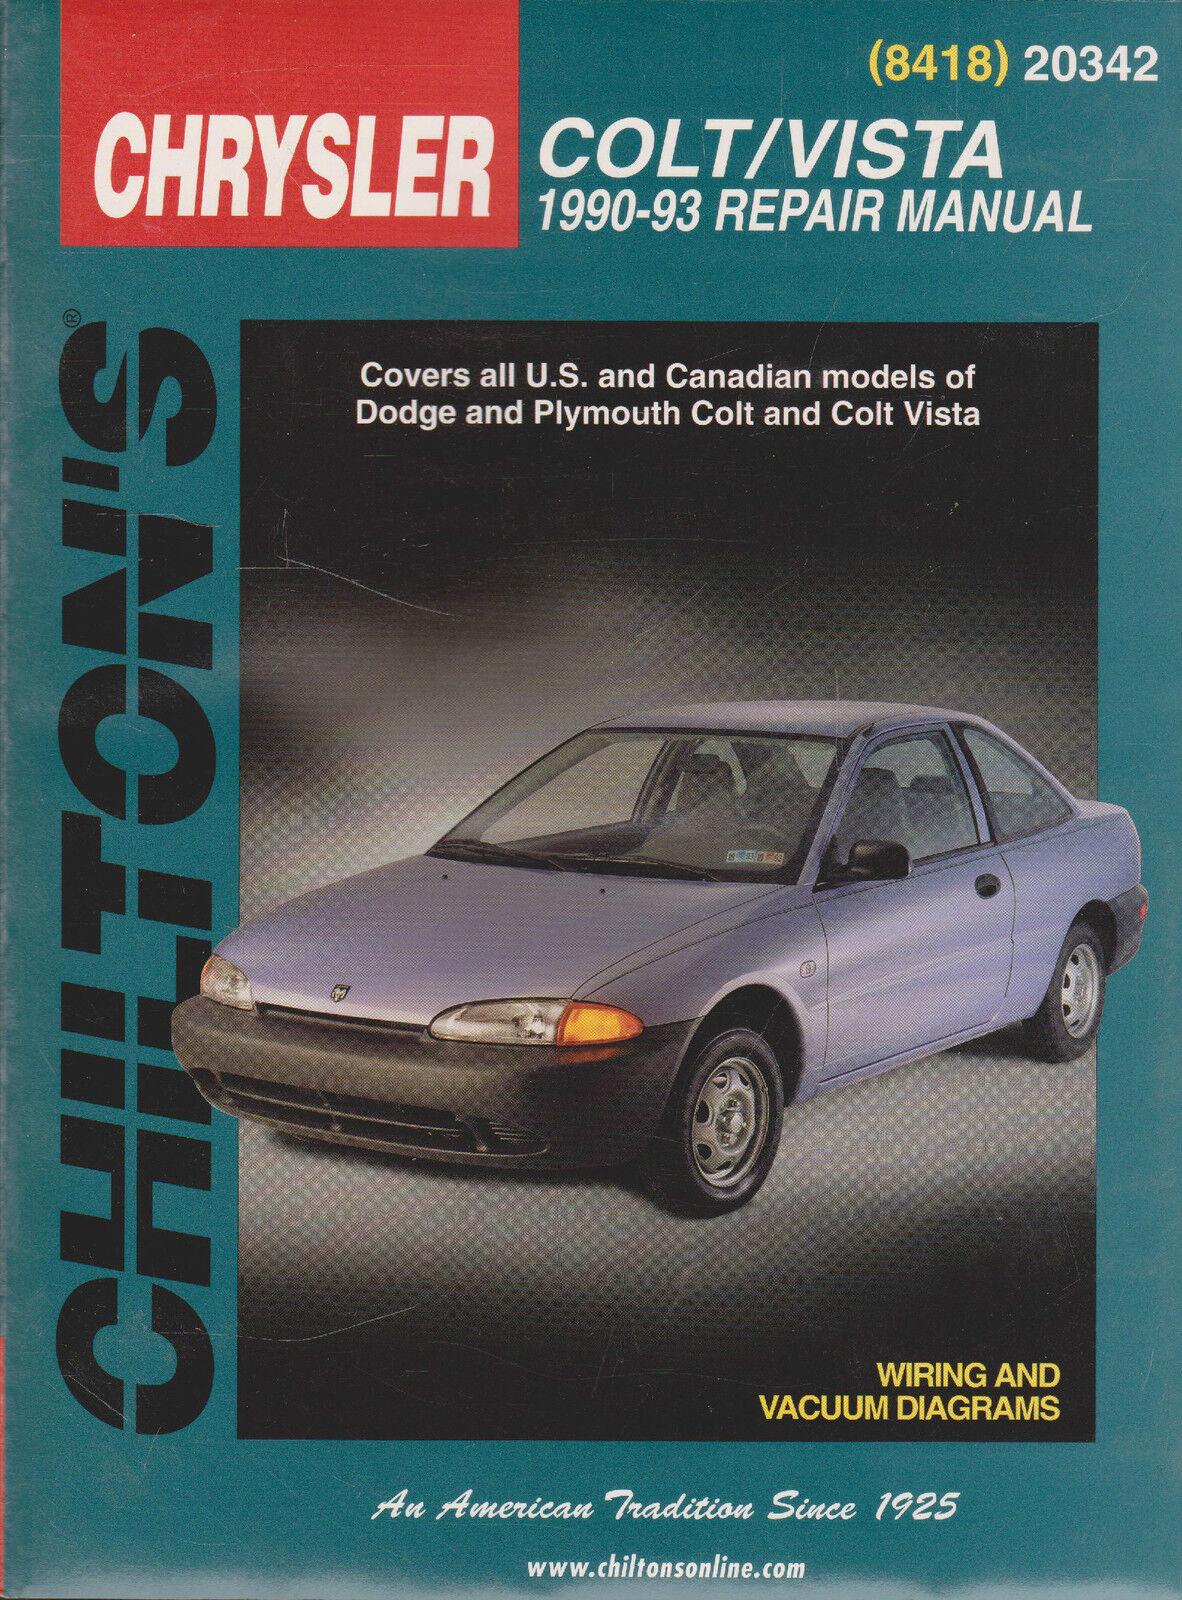 total car care repair manuals dodge colt and vista 1990 93 by rh ebay com 94 Dodge Colt 2 Door Picture of 92 Dodge Colt Car